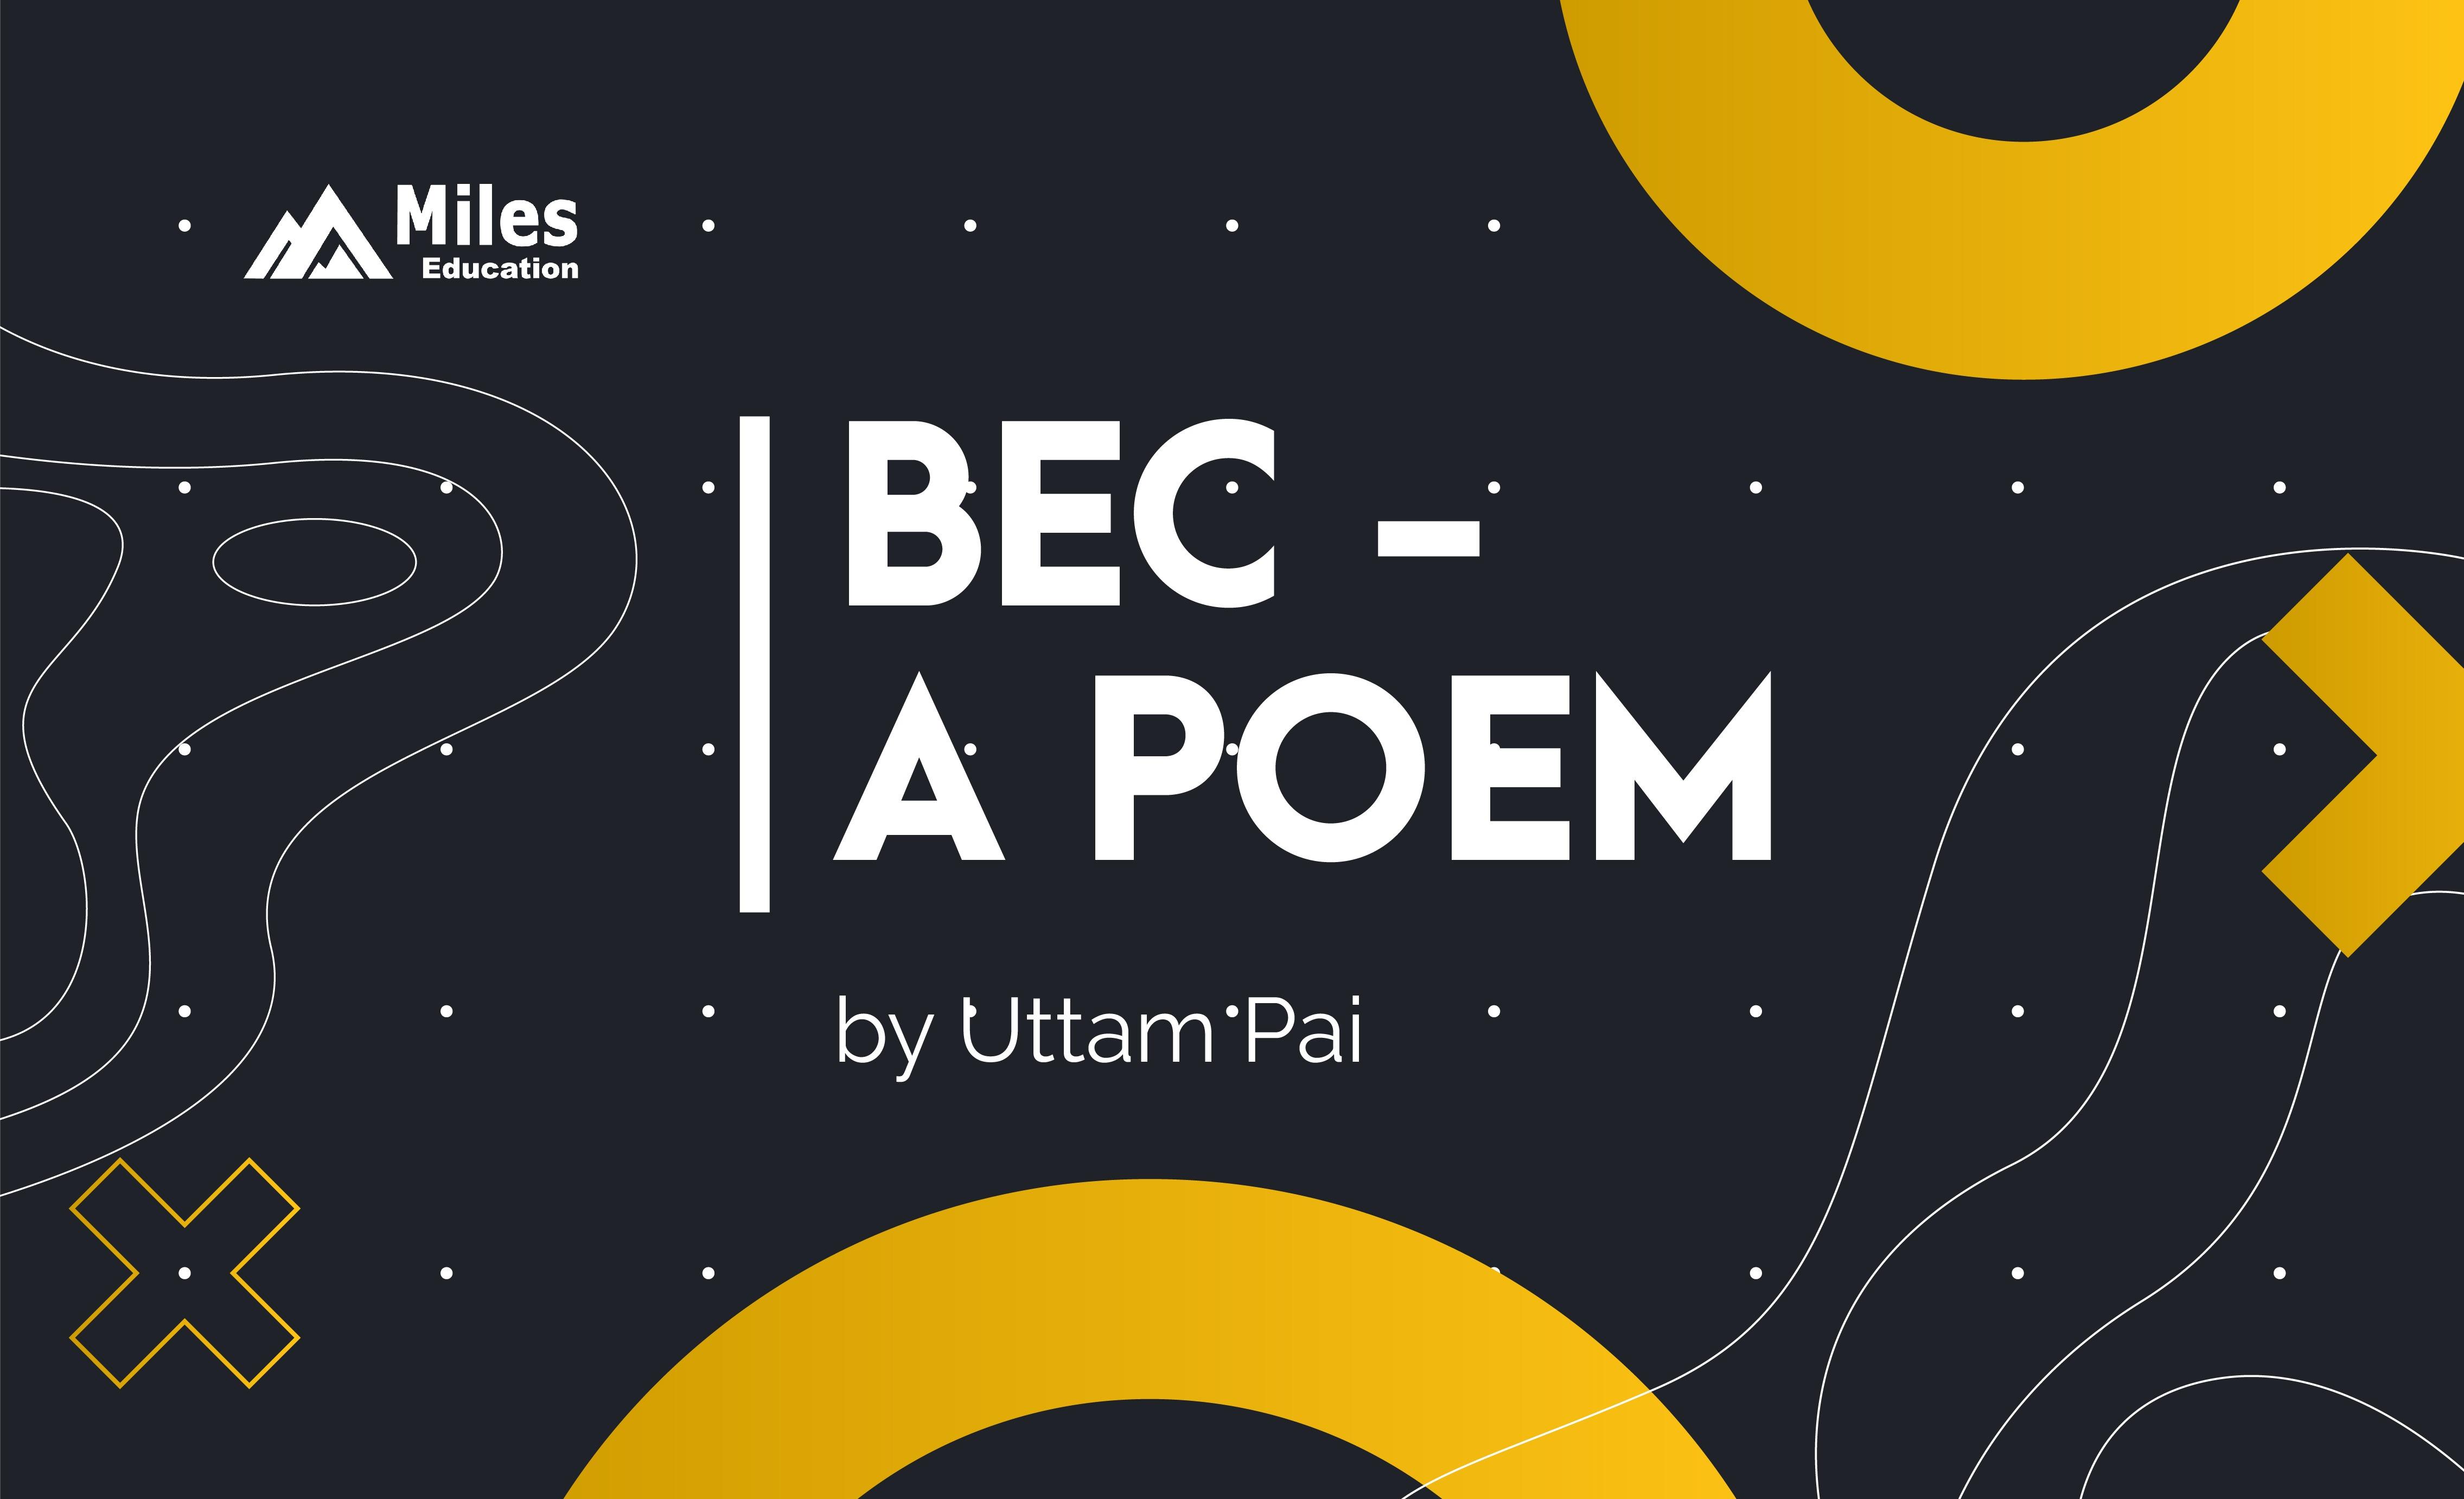 BEC a Poem